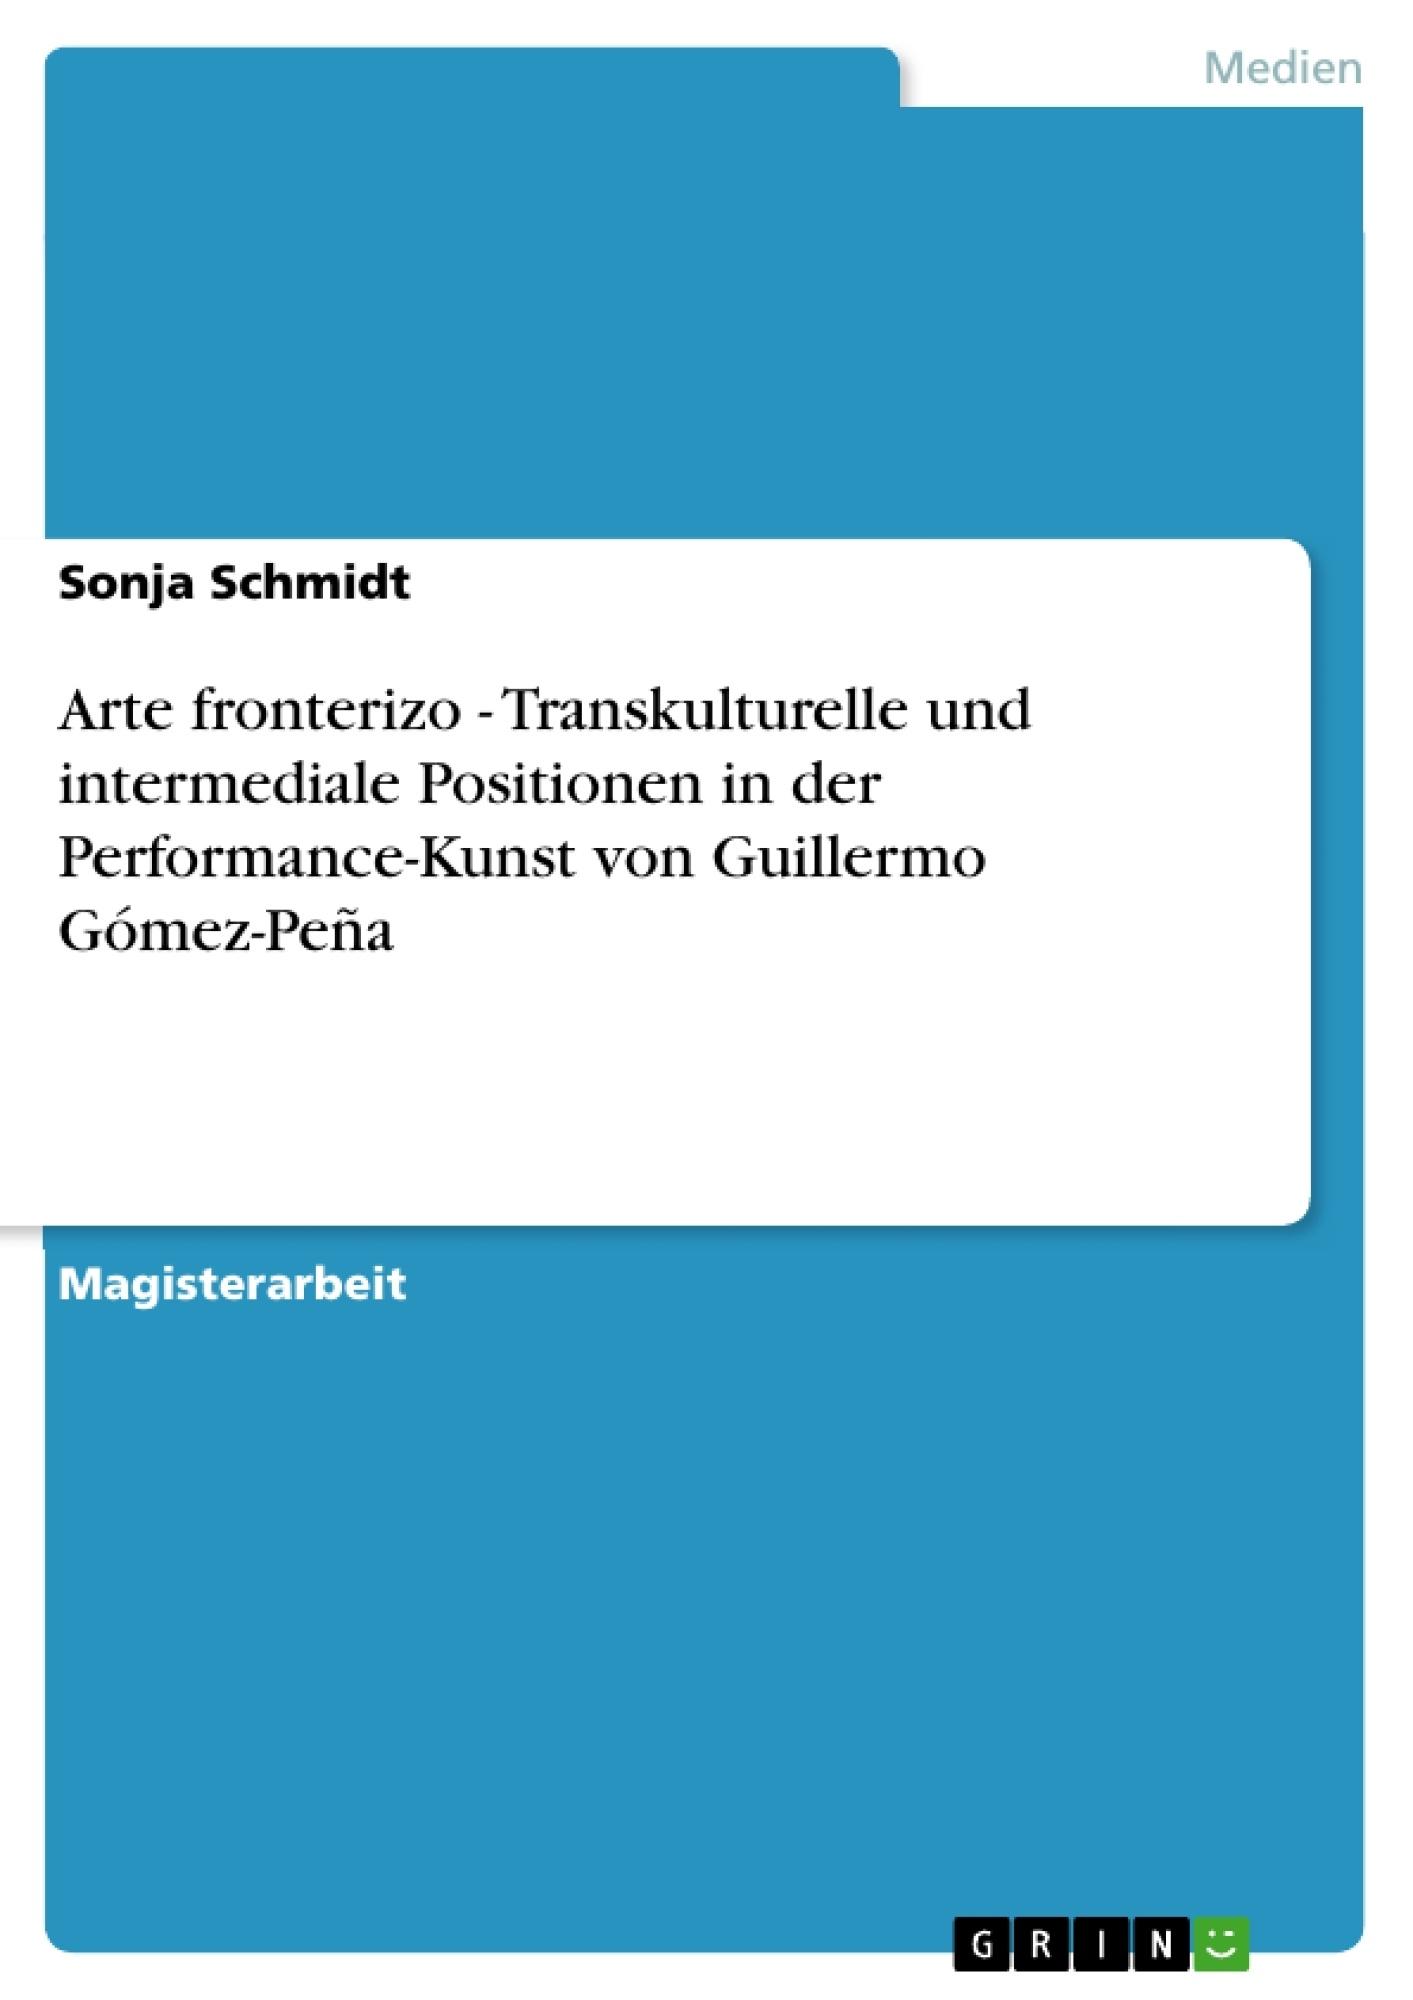 Titel: Arte fronterizo - Transkulturelle und intermediale Positionen in der Performance-Kunst von Guillermo Gómez-Peña